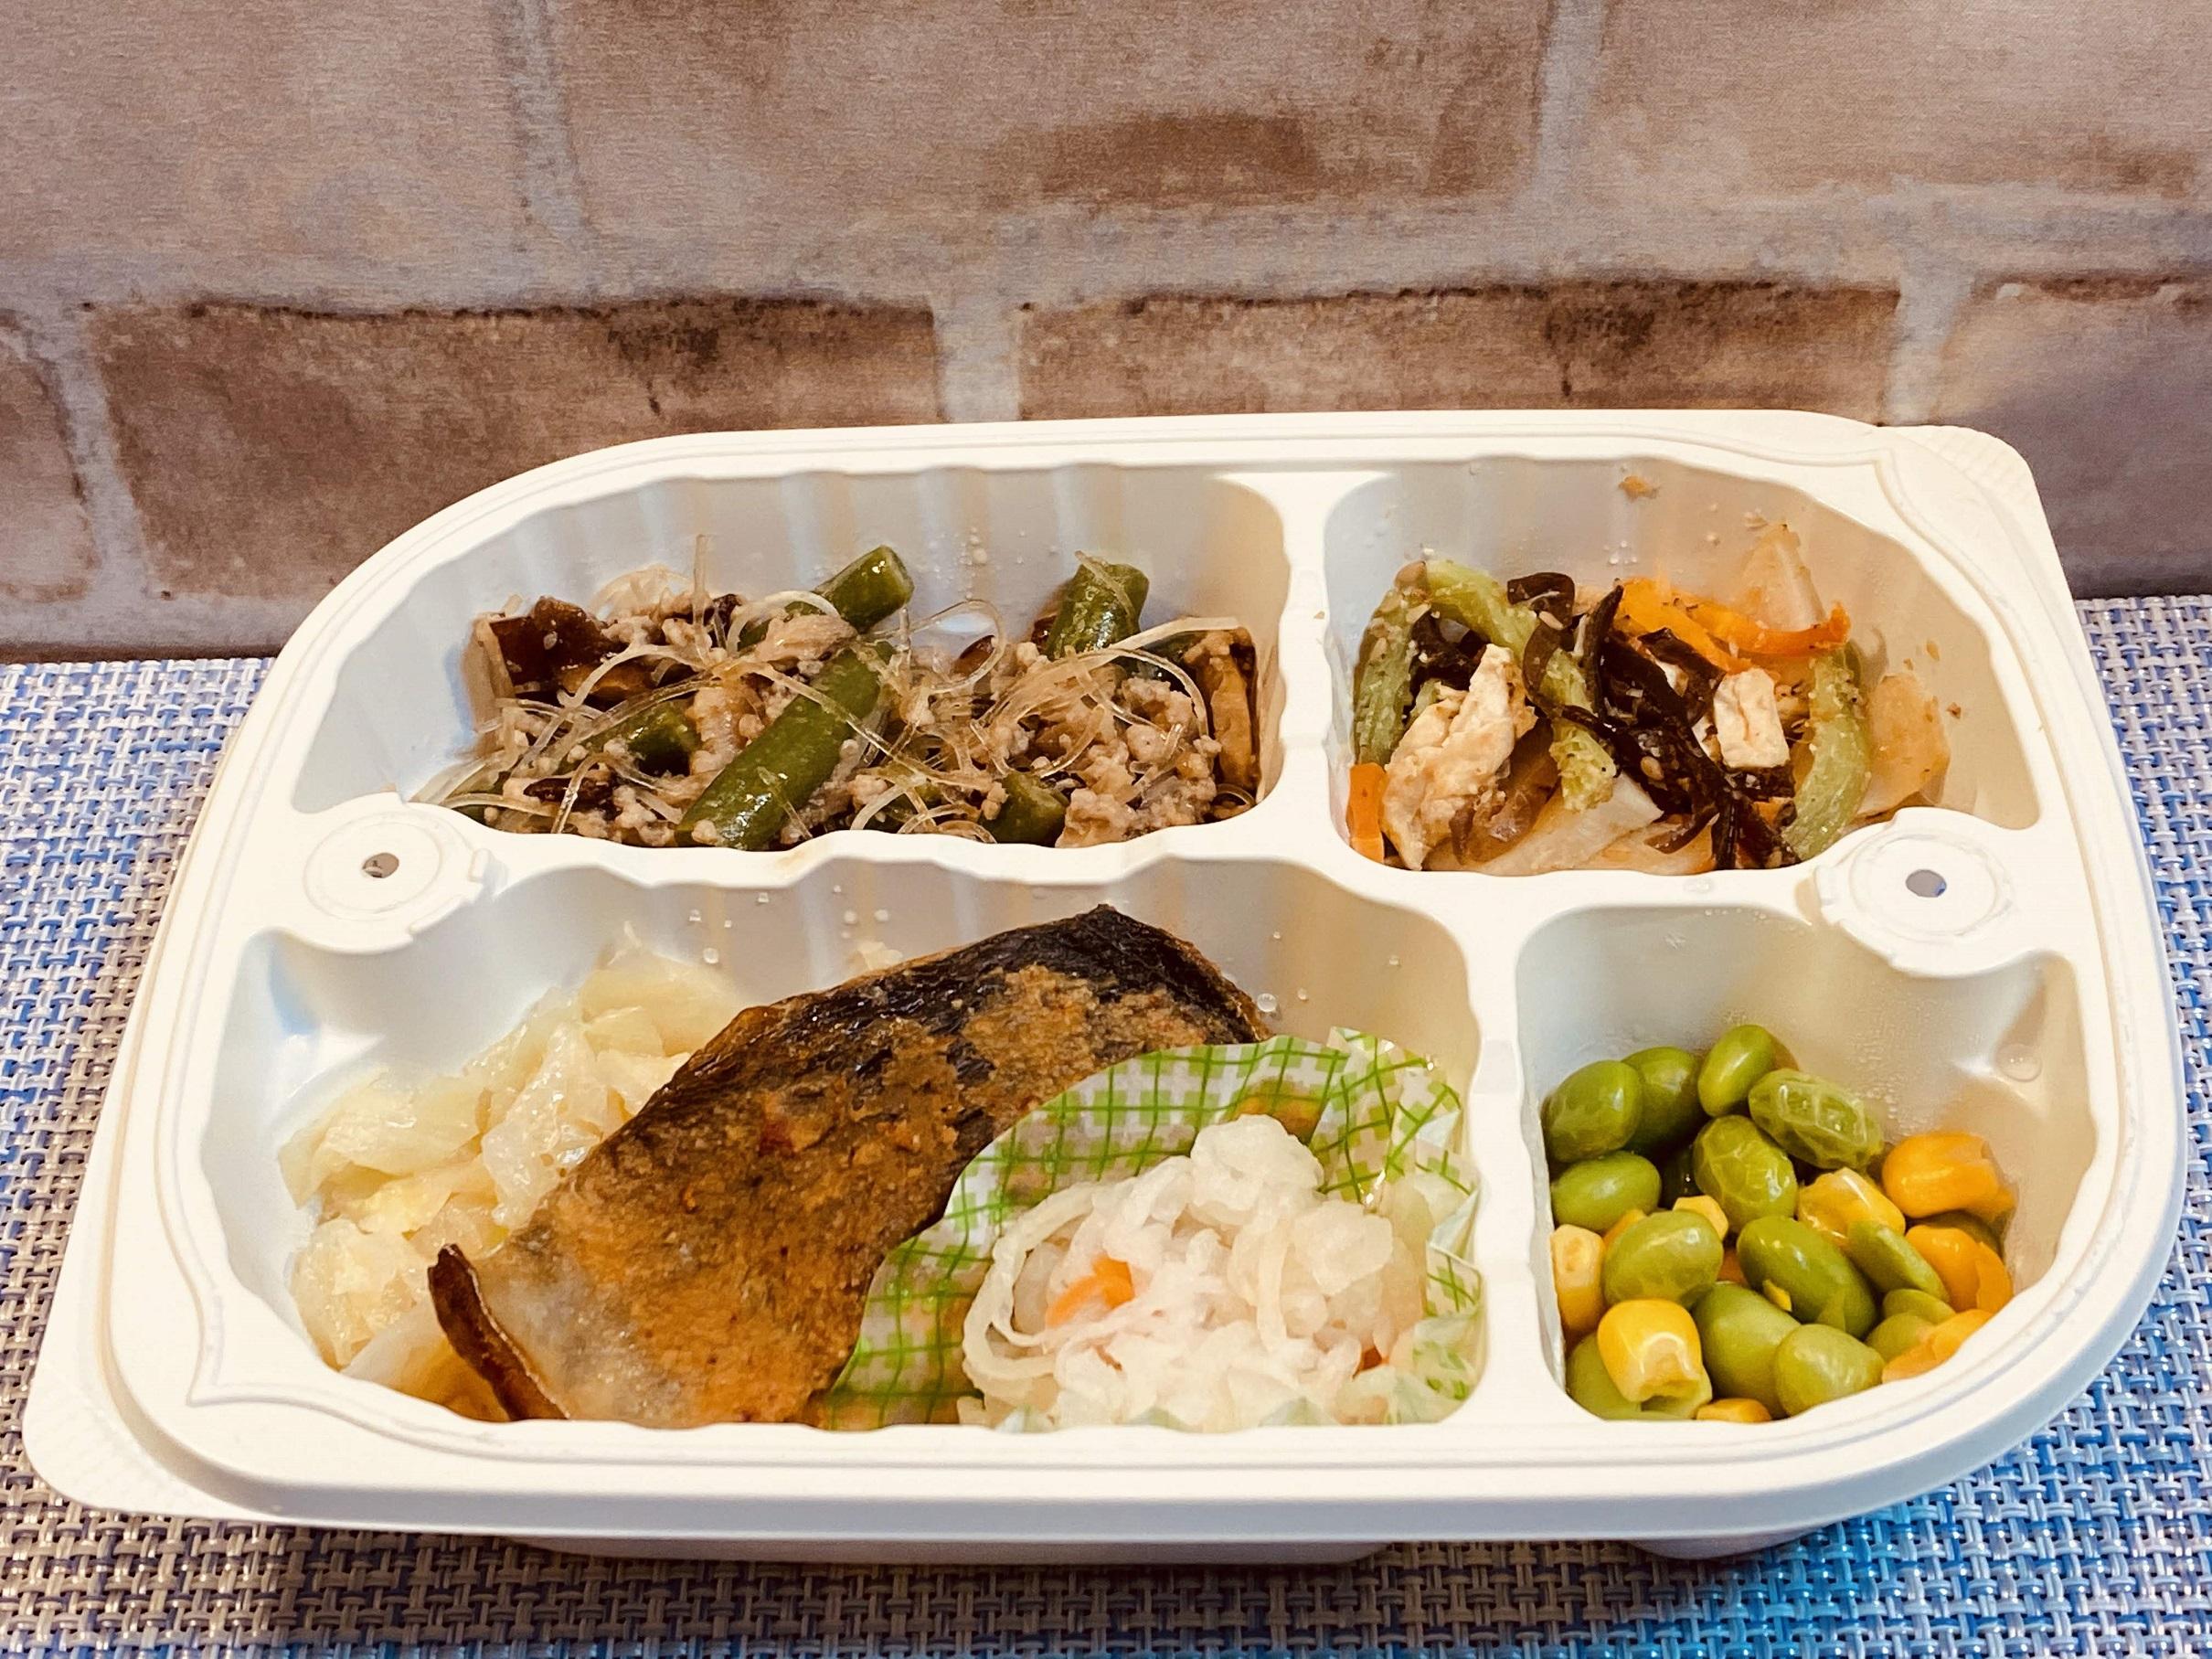 (メニューの一例)鰺の辛味噌焼、豚挽肉といんげんの炒め物、蕗とタケノコの和え物、枝豆とコーンの煮物